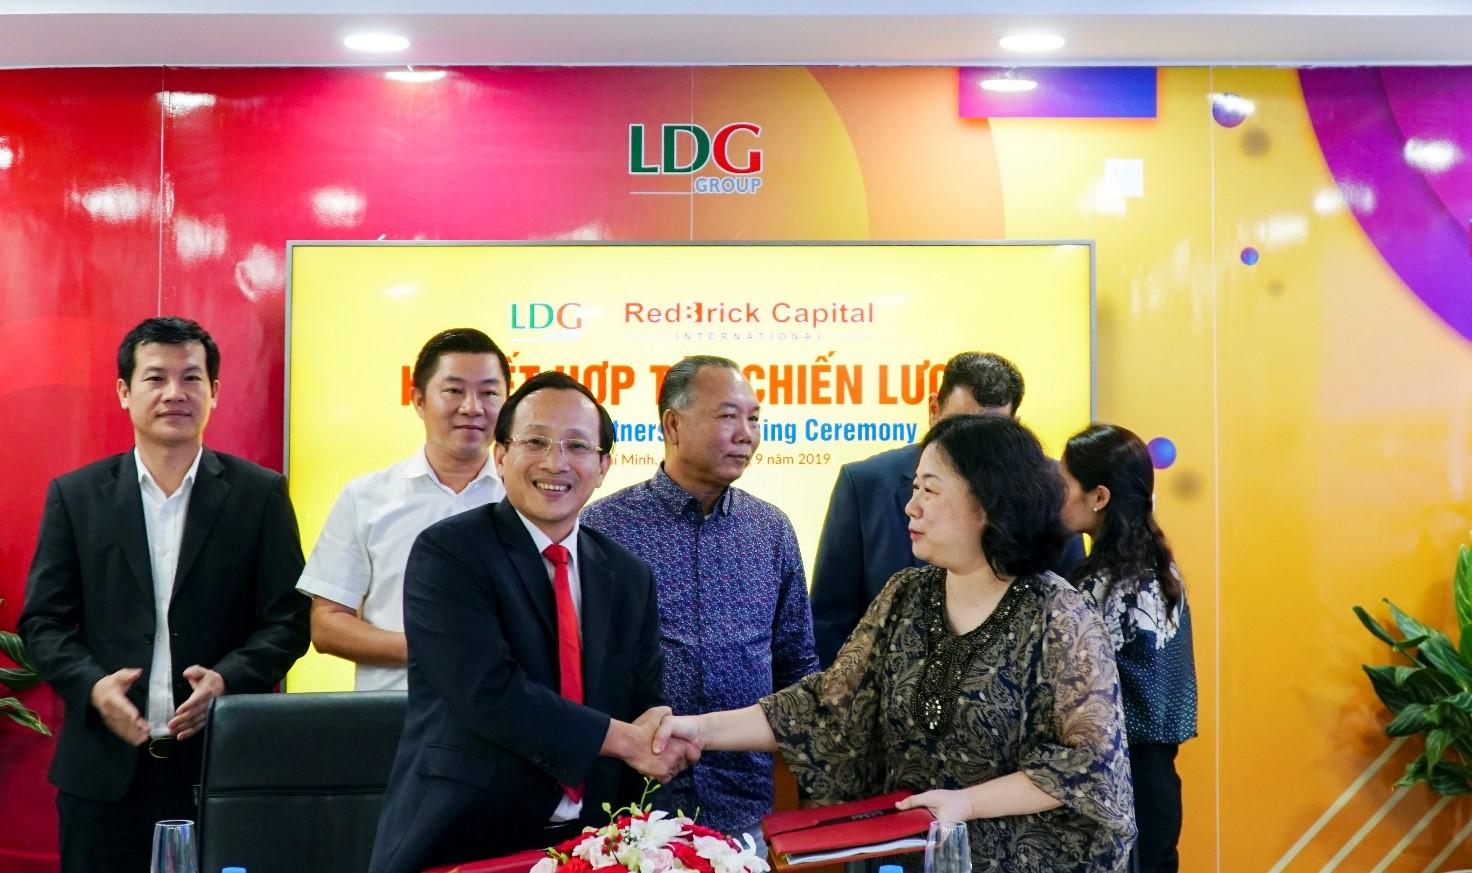 Dự án Bãi Bụt – Đà Nẵng sẽ được LDG Group khởi công ngay trong năm 2019